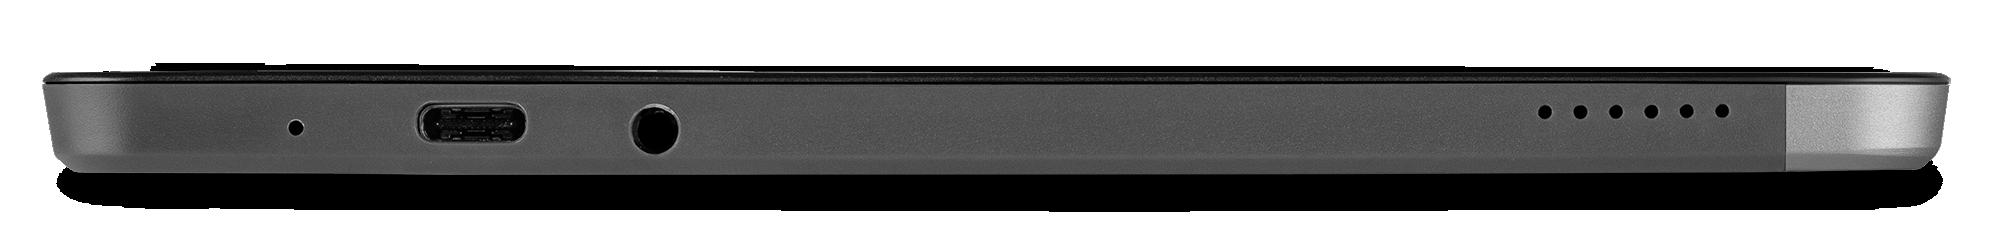 USB Type C op de X10605